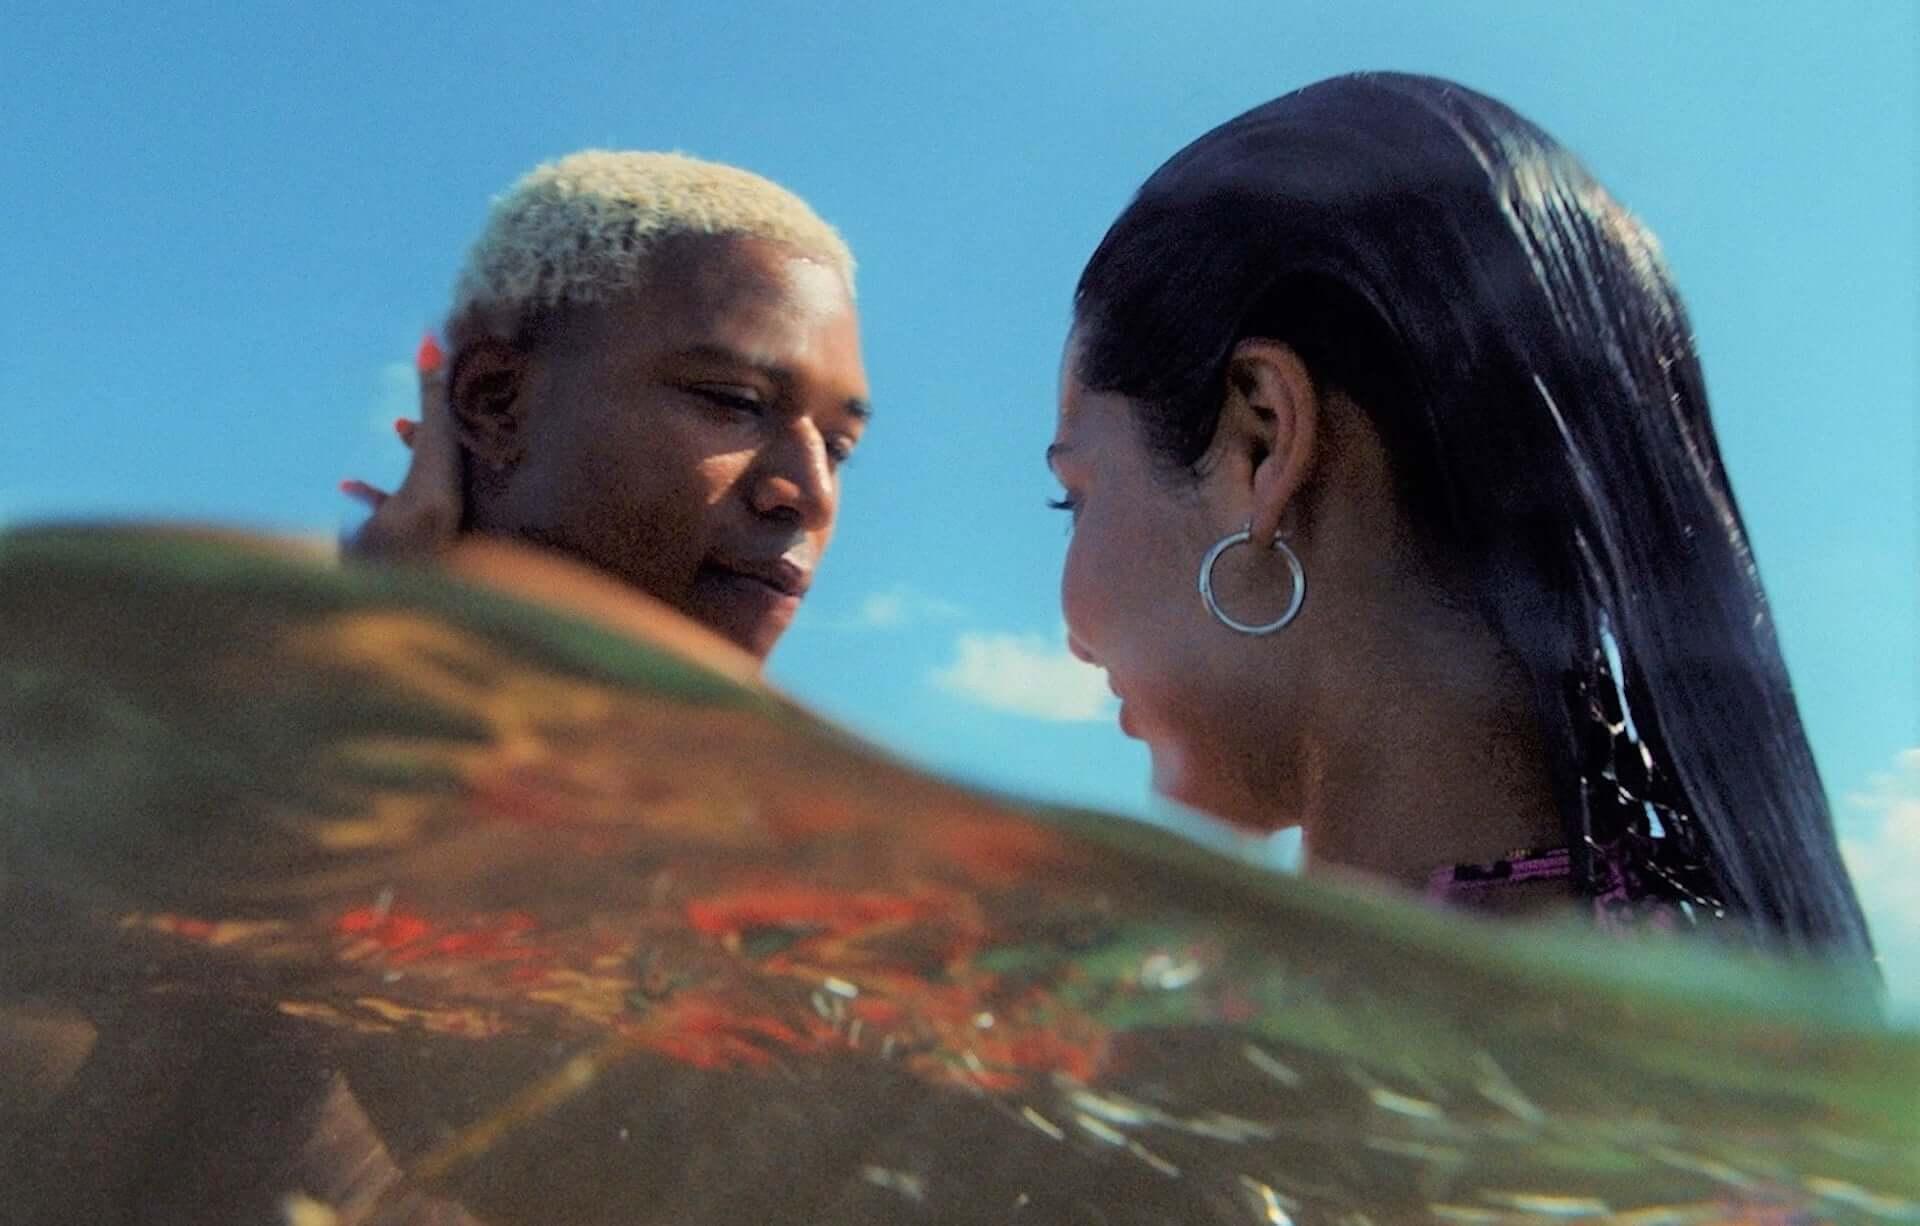 レディオヘッド、カニエ・ウェスト、フランク・オーシャンらが彩るA24最新作『WAVES/ウェイブス』が7月10日に公開決定! film200605_isao_waves_movie_10-1920x1226